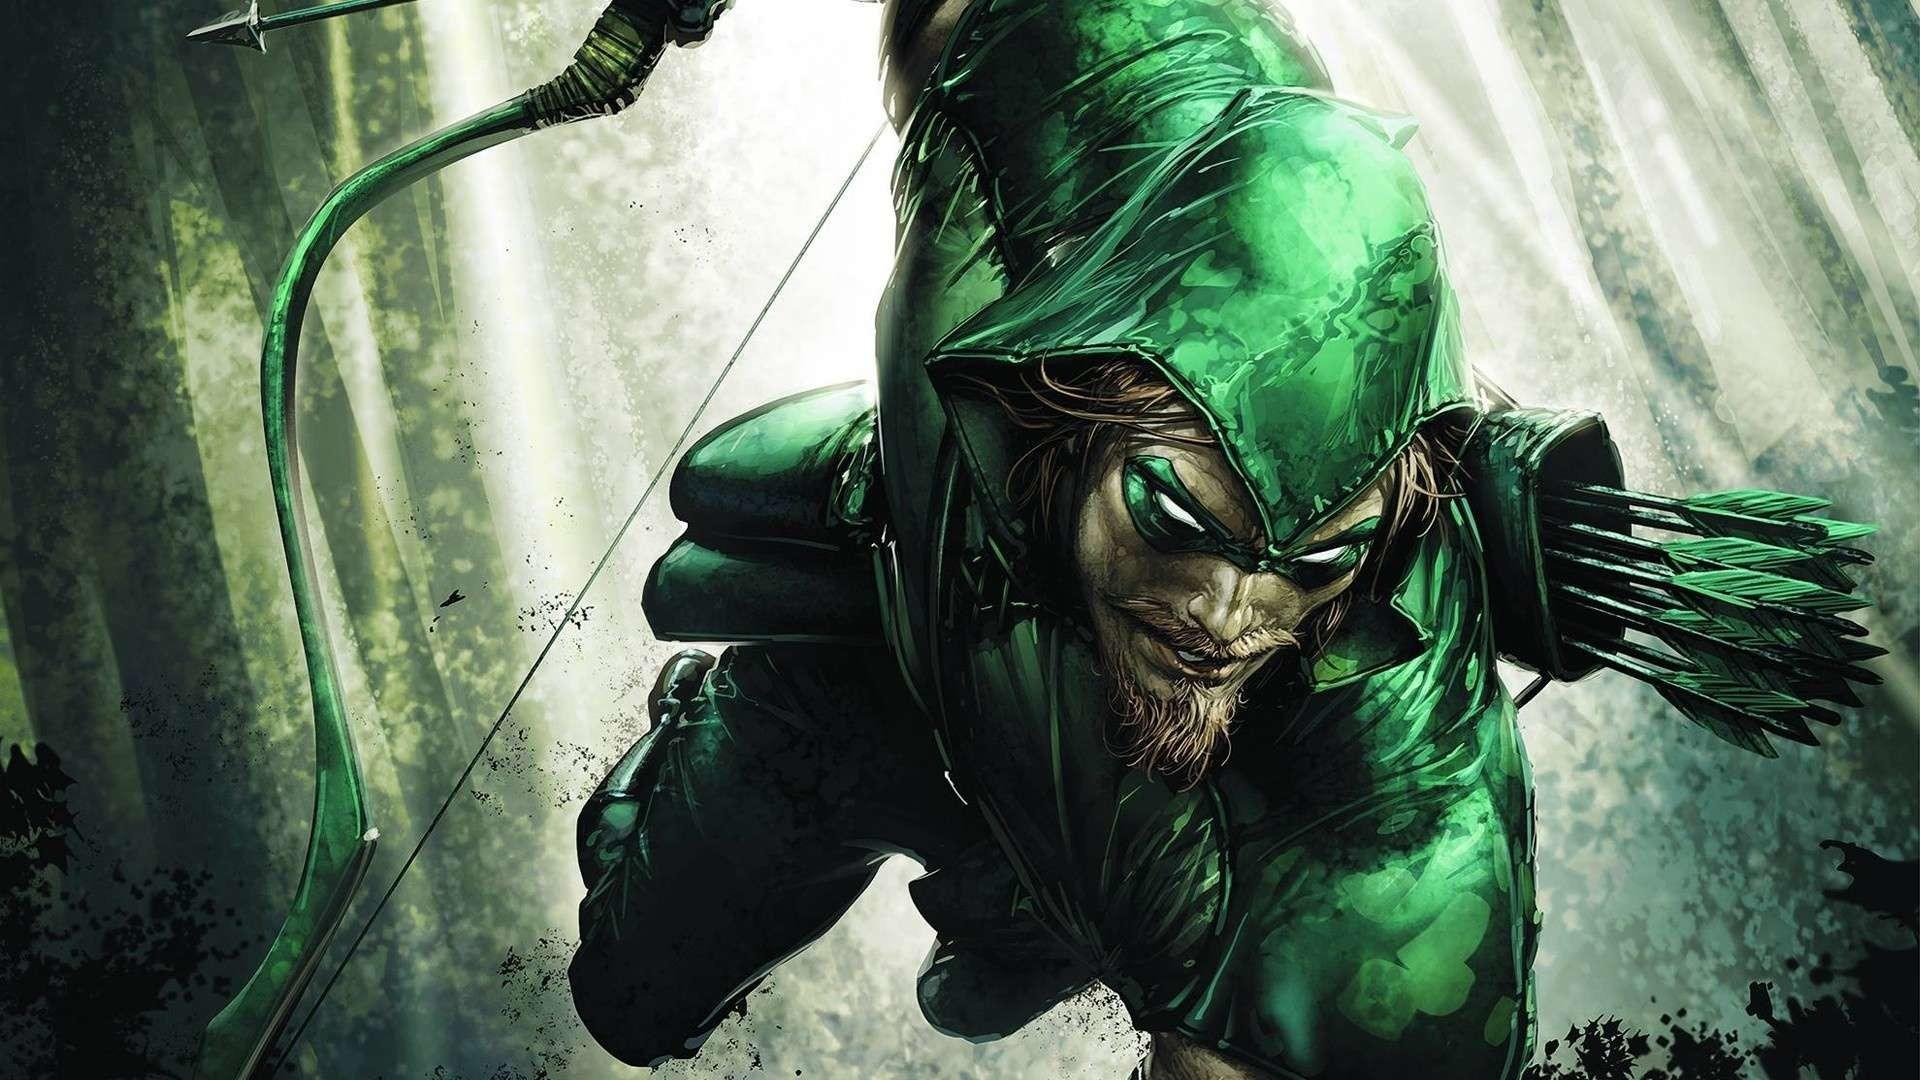 green arrow hd wallpaper – https://hdwallpaper.info/green-arrow